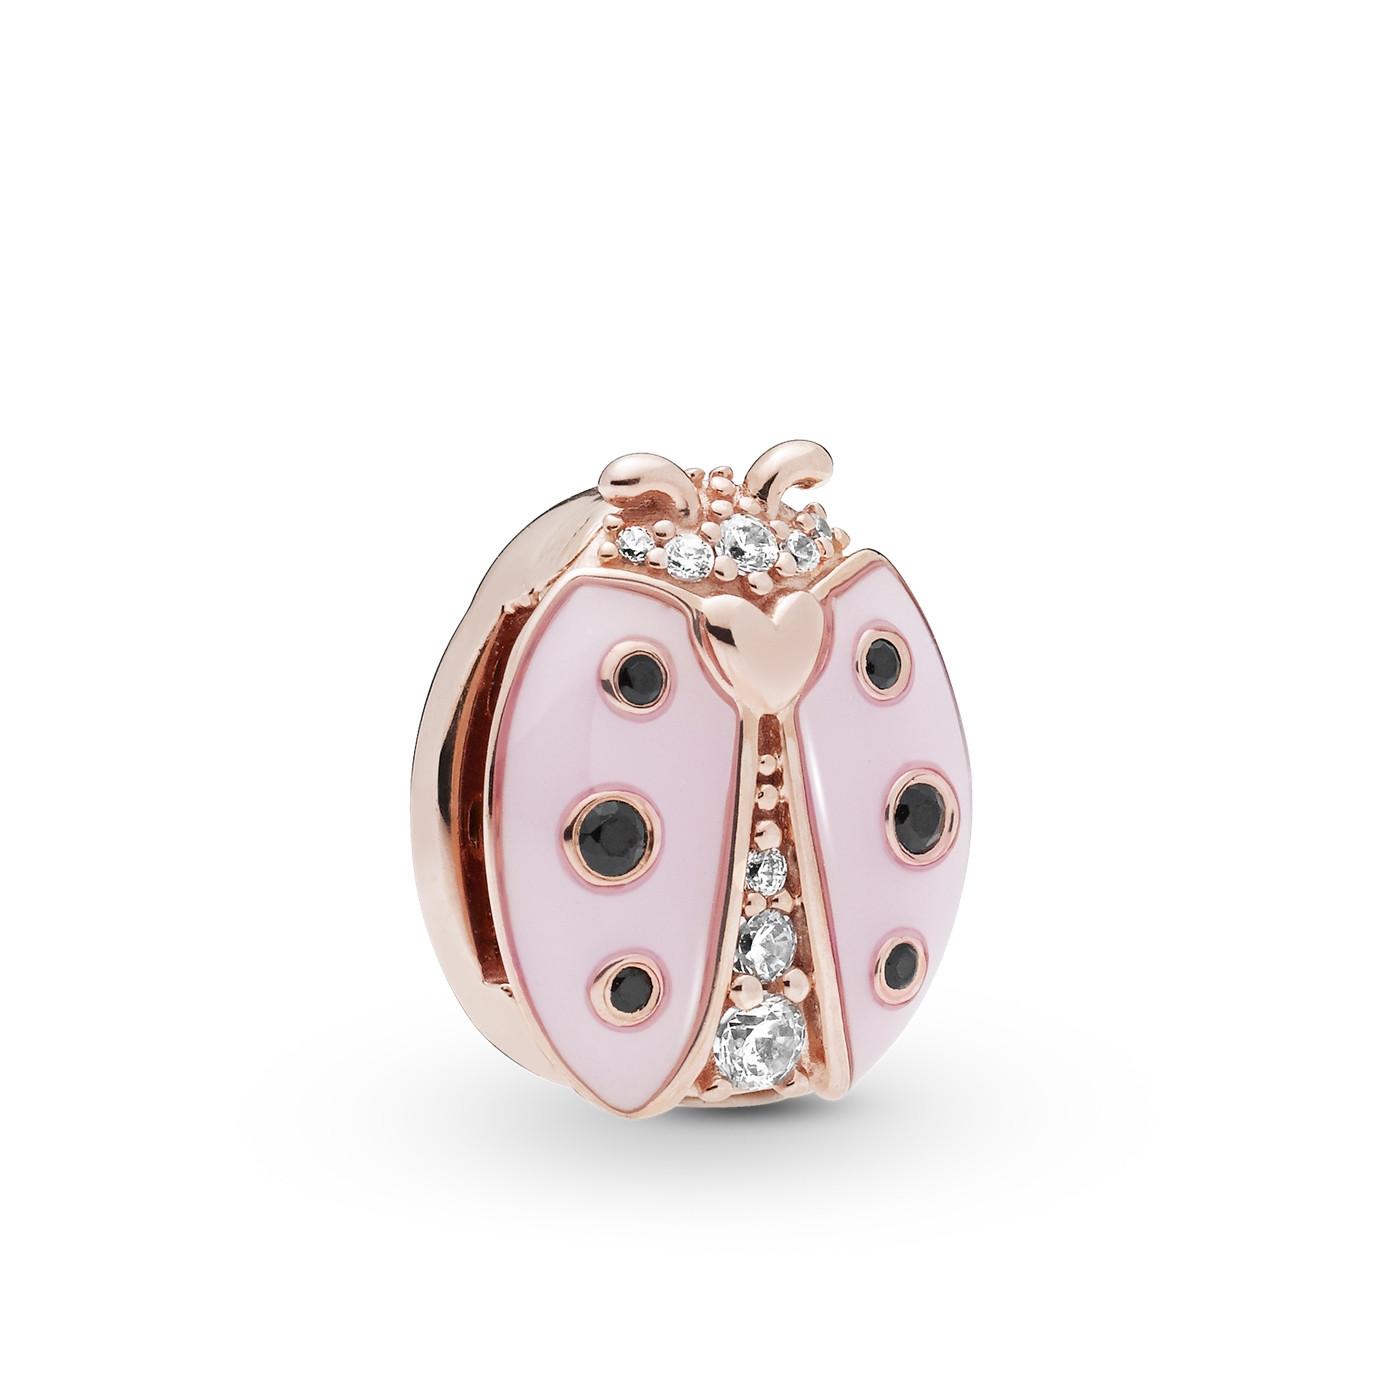 Pandora Reflexions 925 Sterling Zilveren Roségoudkleurige Ladybird Bedel 787970EN160